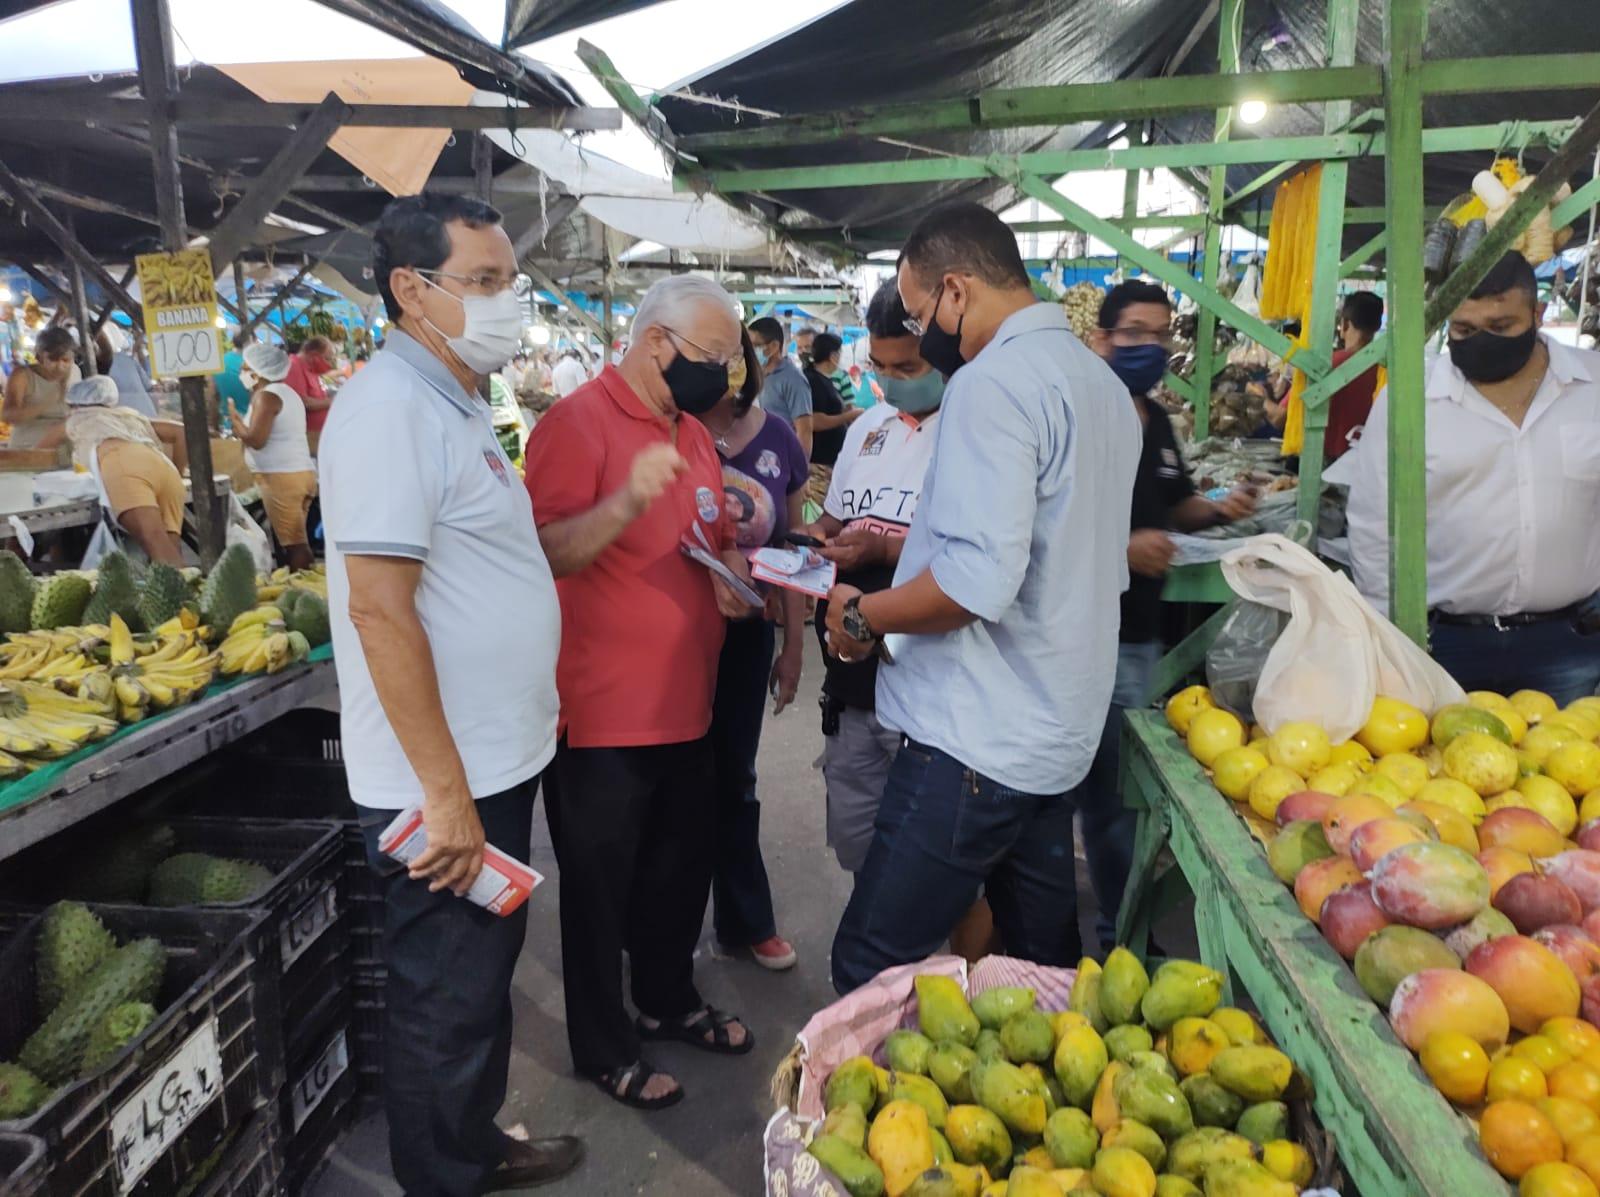 Ao lado de Frei Anastácio, Anísio Maia visita Feira de Jaguaribe e destaca requalificação dos mercados públicos